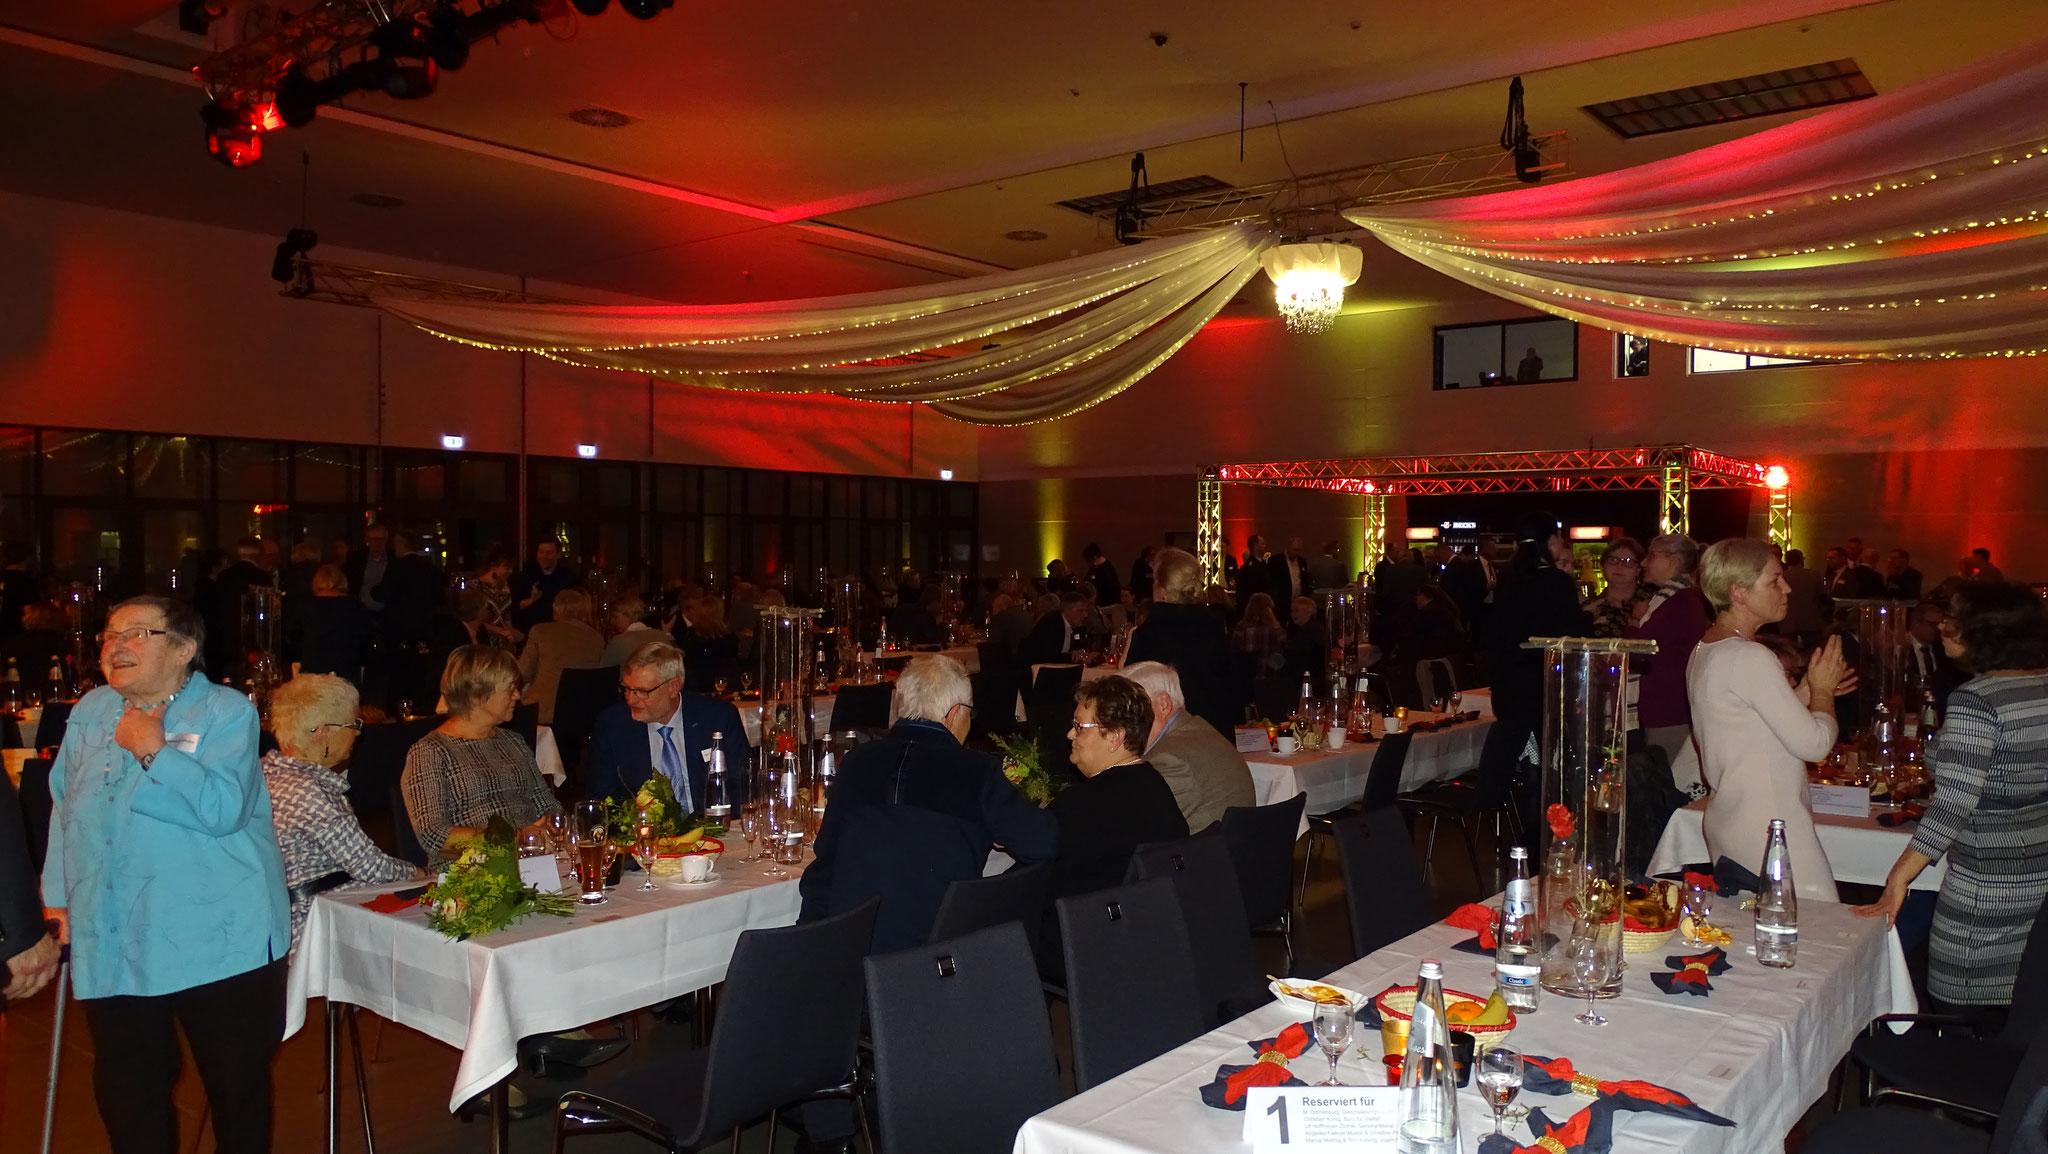 Wie jedes Jahr lud der Bürgermeister Heiko Müller zum Neujahrsempfang in die Stadthalle ein. Dieses Jahr waren Toni und Marius für das Forum und den Beirat dabei...